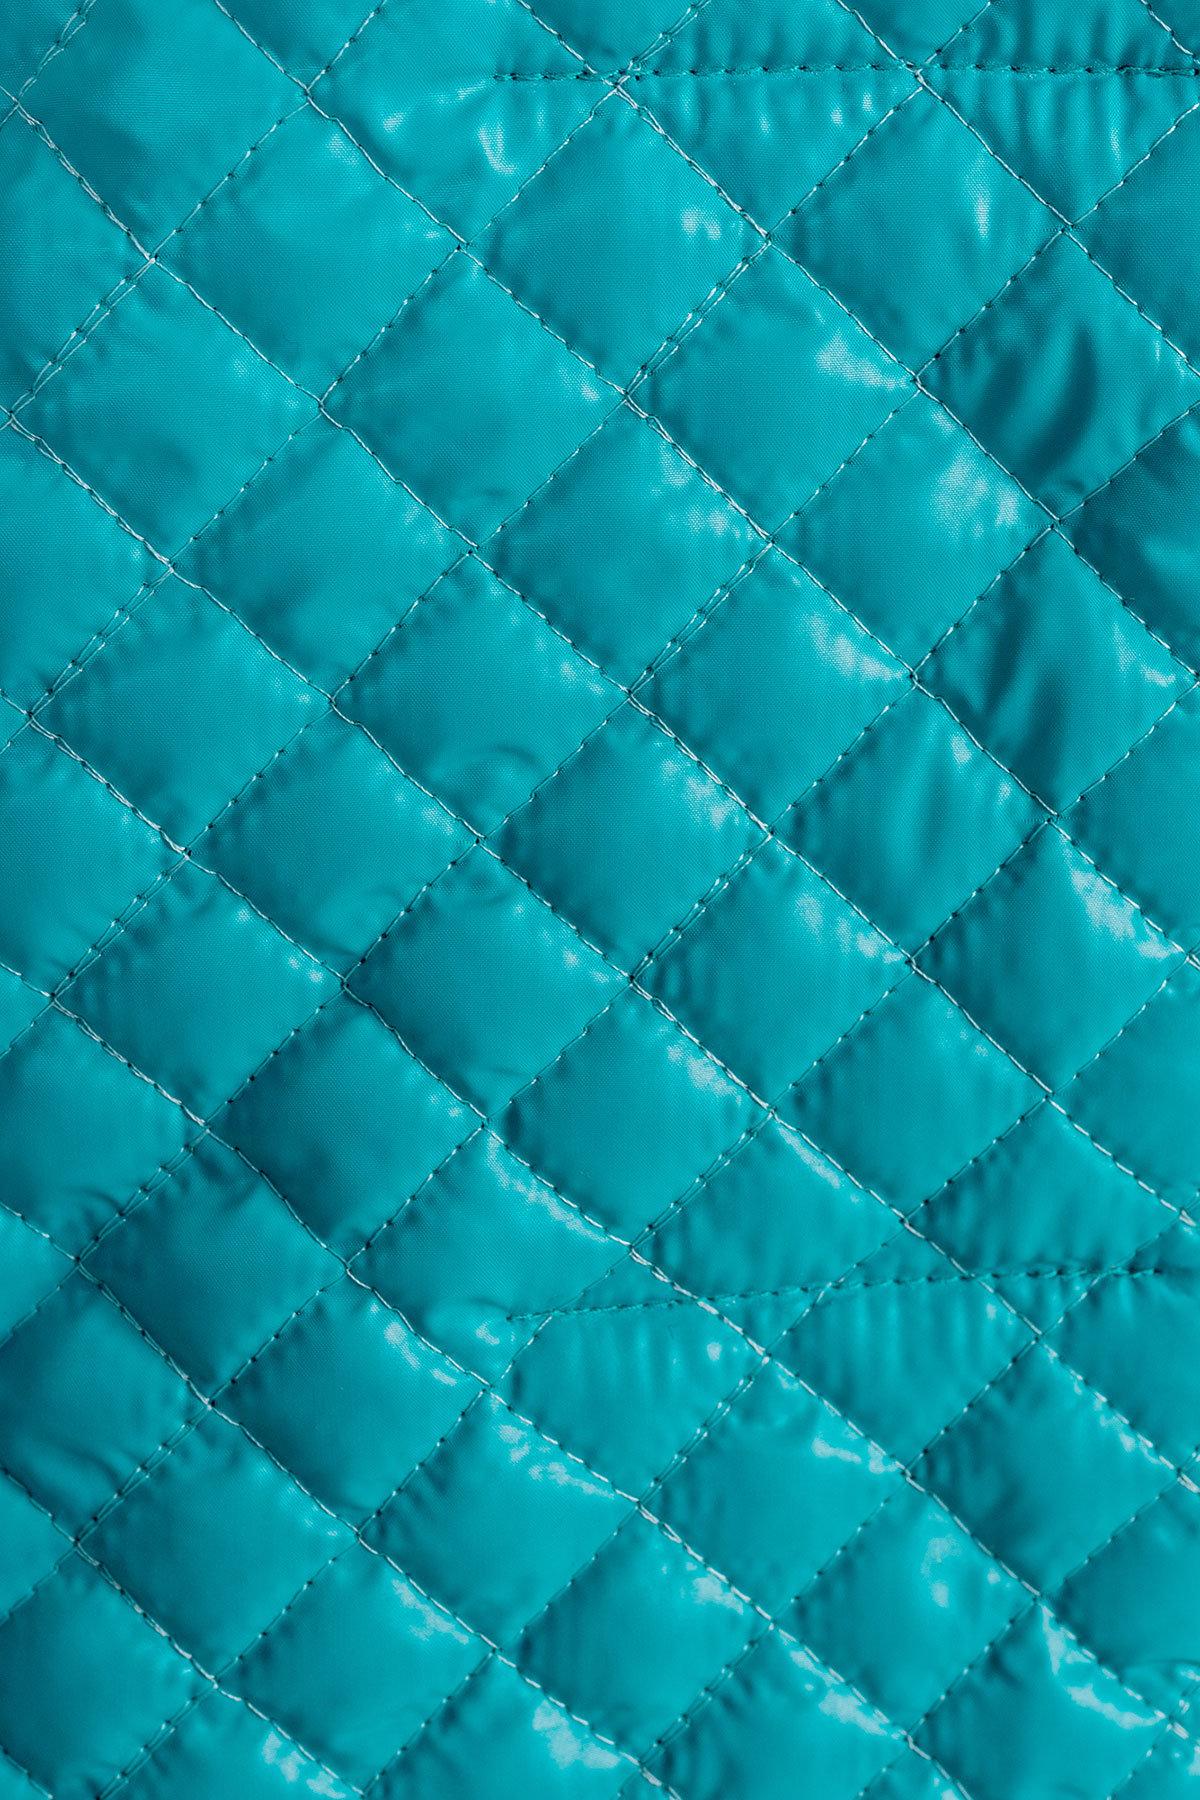 Пальто Салли 1965 АРТ. 9992 Цвет: Бирюза - фото 4, интернет магазин tm-modus.ru